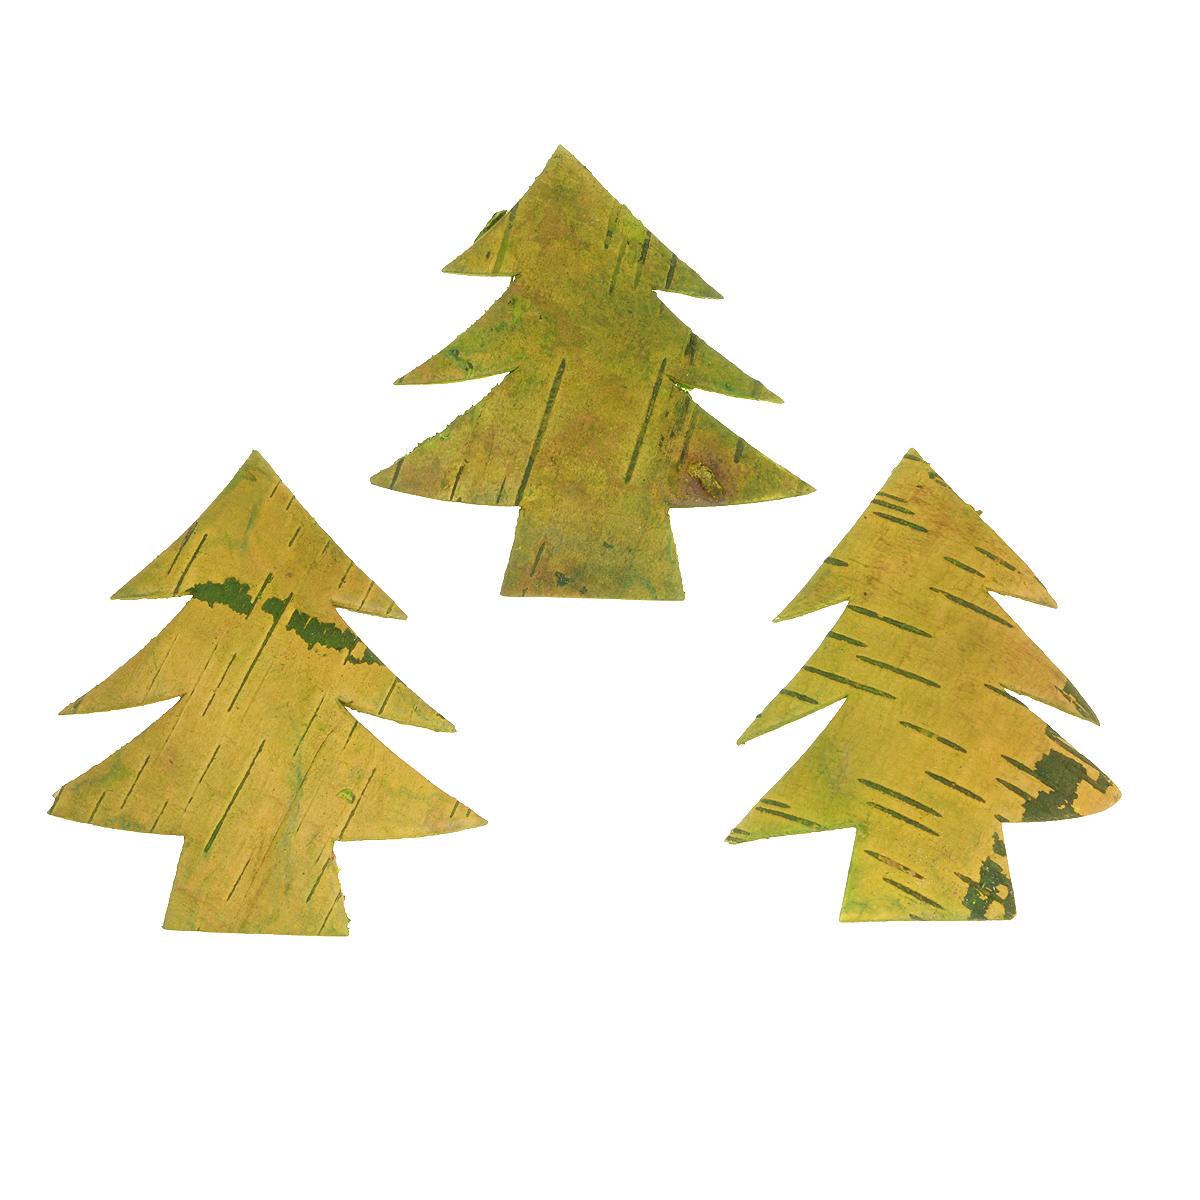 Декоративный элемент Dongjiang Art Елка, цвет: зеленый, 3 штC0042416Декоративный элемент Dongjiang Art Елка, изготовленный из натуральной коры дерева, предназначен для украшения цветочных композиций. Изделие выполнено в виде елки, которое можно также использовать в технике скрапбукинг и многом другом. Флористика - вид декоративно-прикладного искусства, который использует живые, засушенные или консервированные природные материалы для создания флористических работ. Это целый мир, в котором есть место и строгому математическому расчету, и вдохновению.